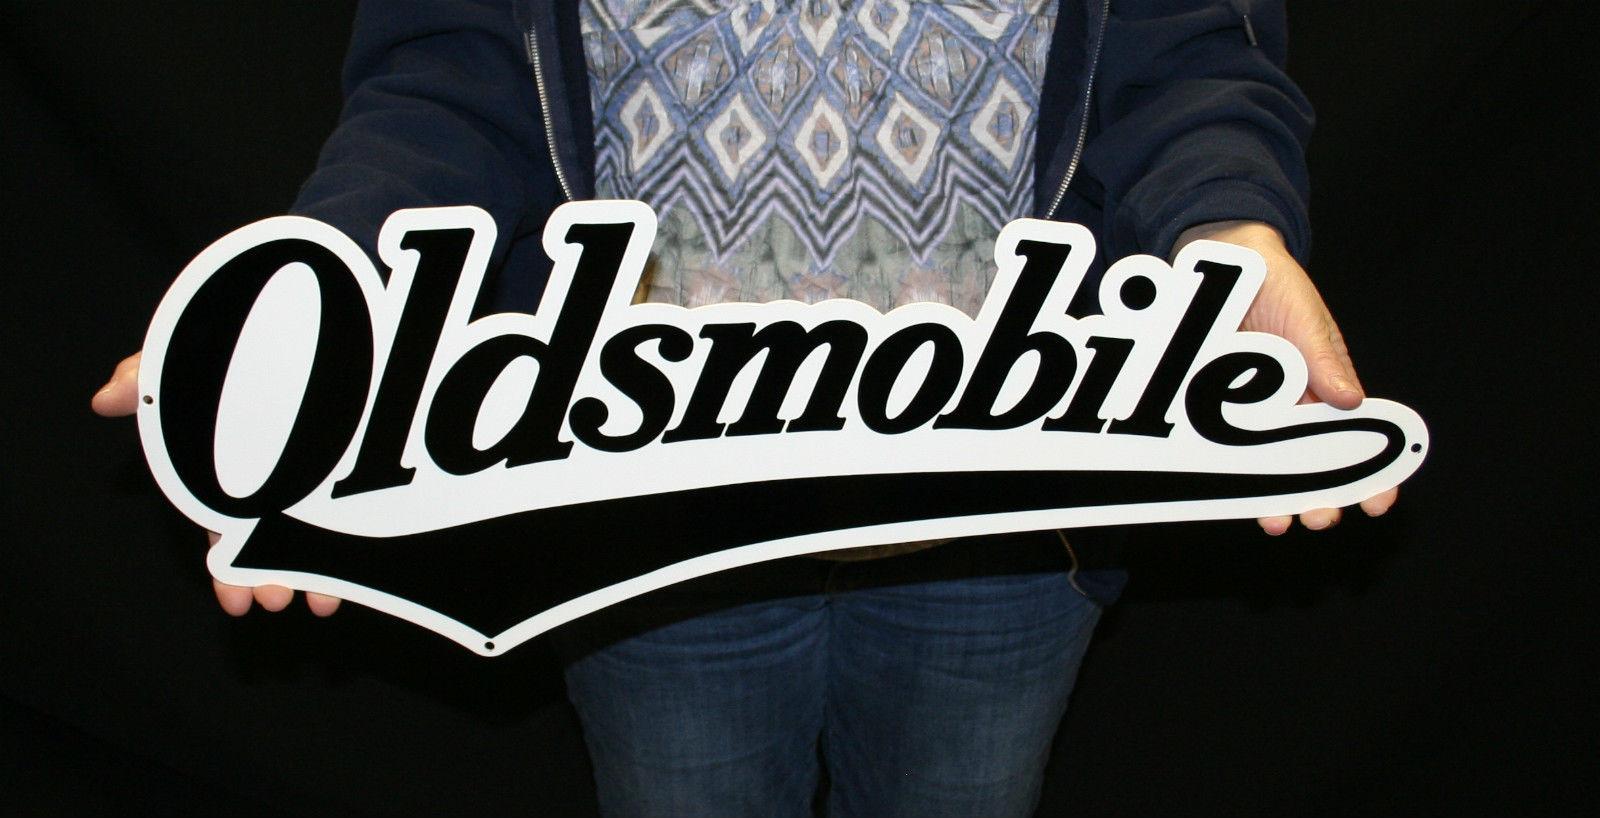 Oldsmobile Vintage Script Steel Sign Gmolds003 24x9